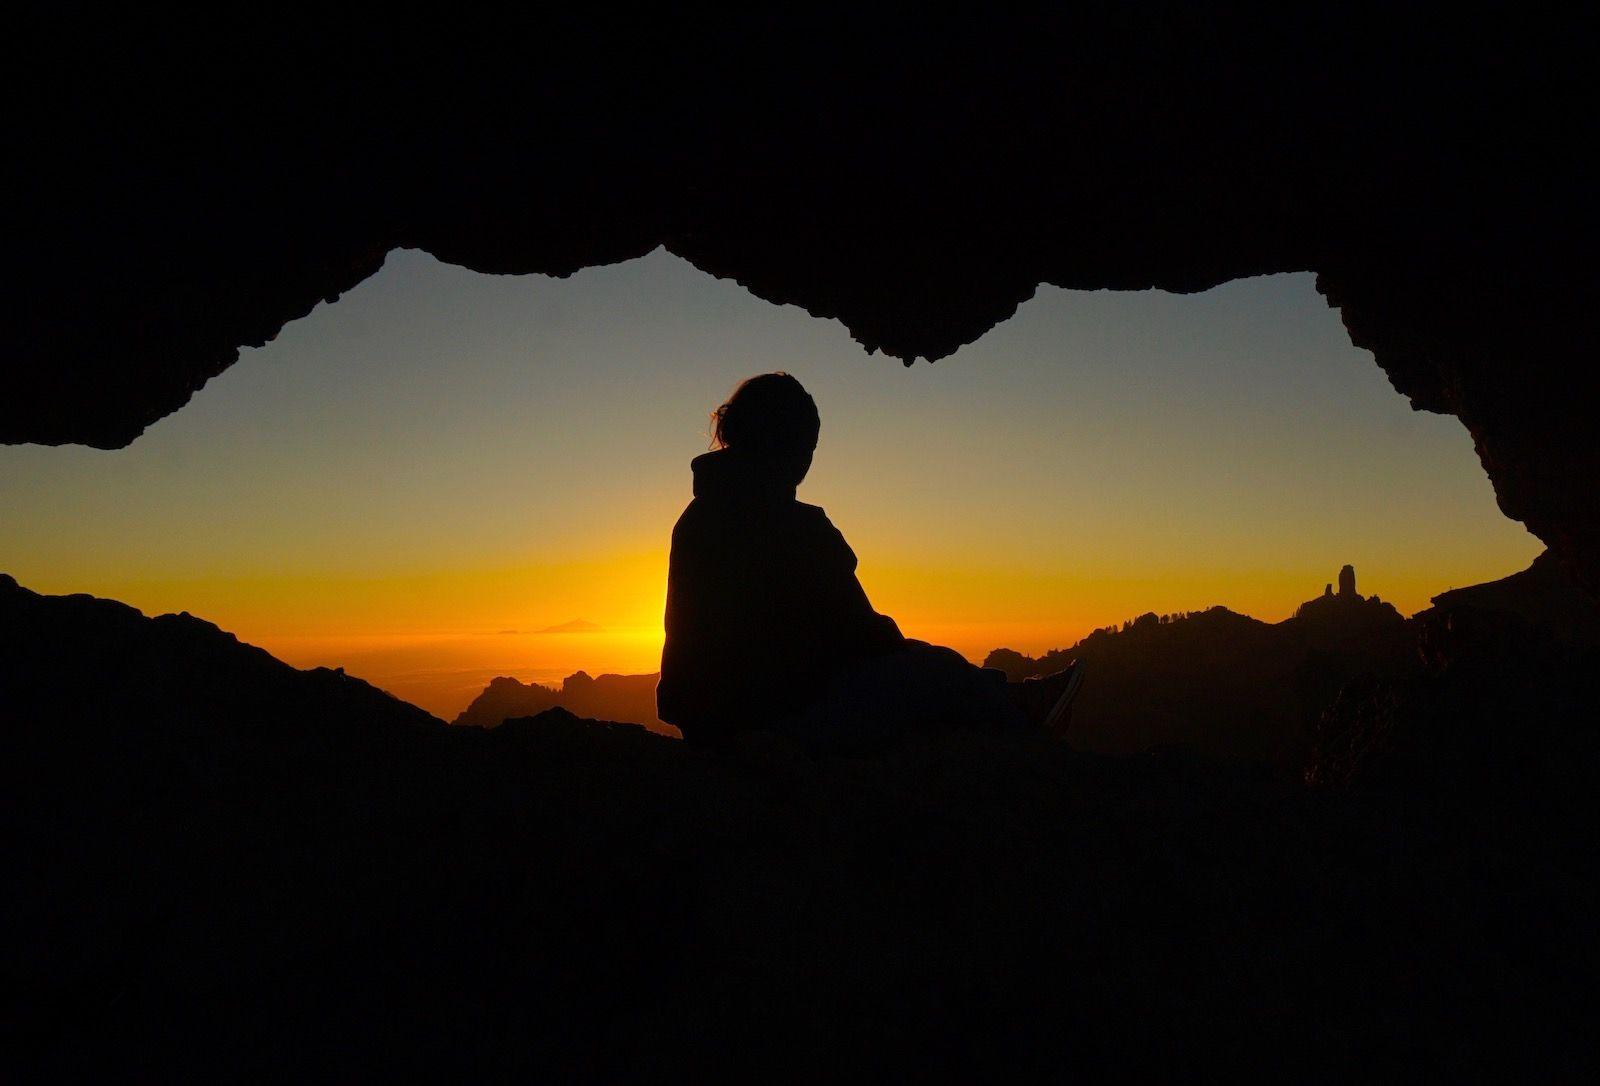 Qué ver en Gran Canaria en 3, 5 o 7 días (una semana). Pueblos bellos, las mejores playas y atardeceres increíbles